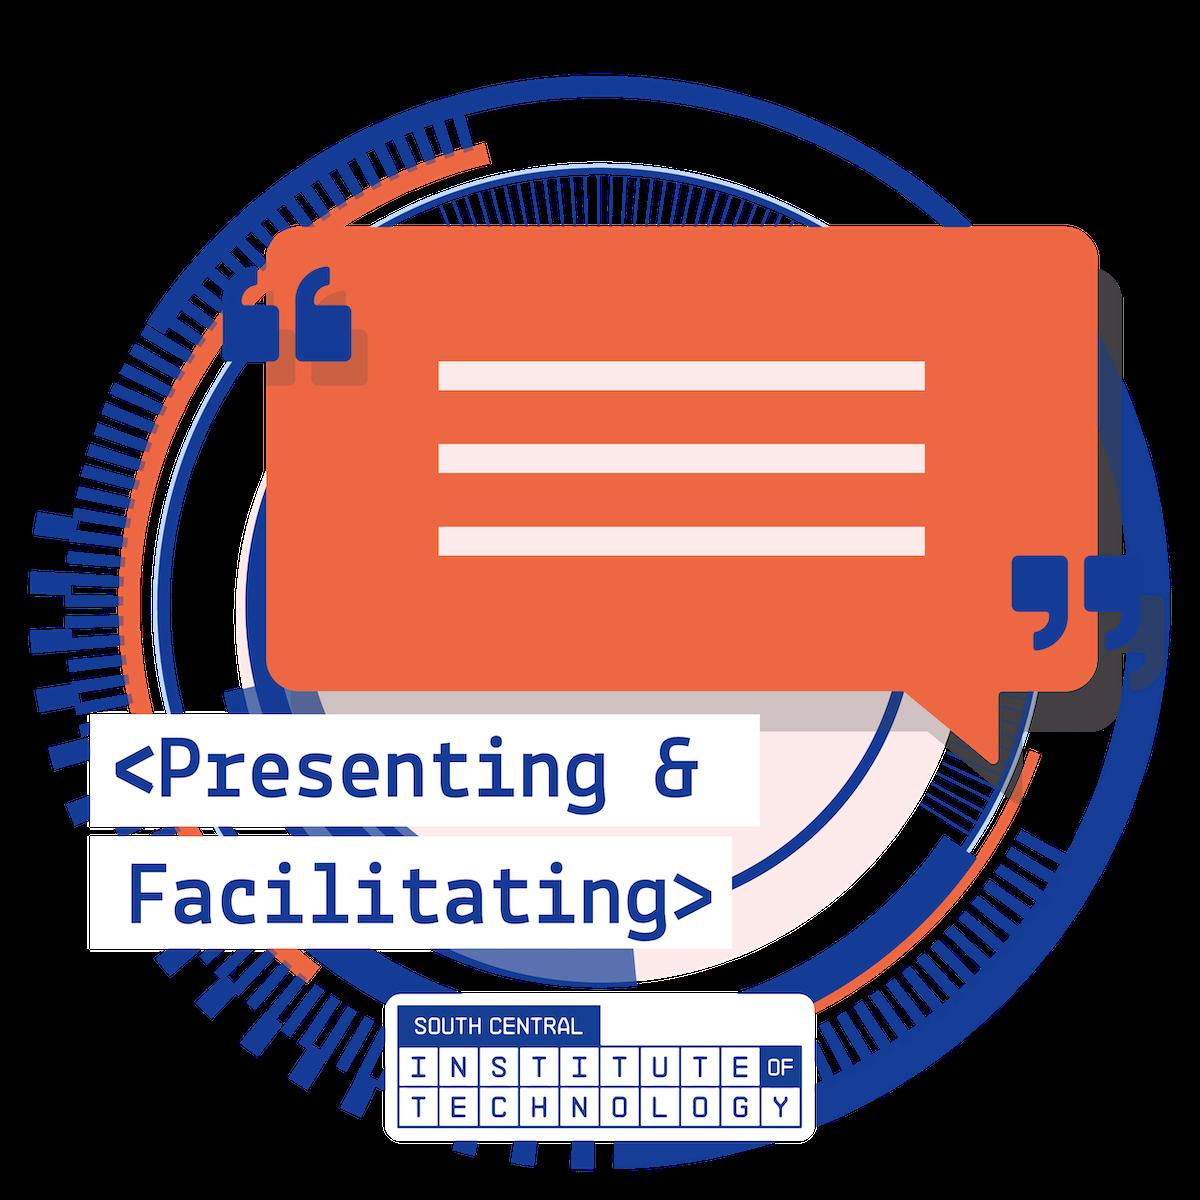 Presenting and Facilitating